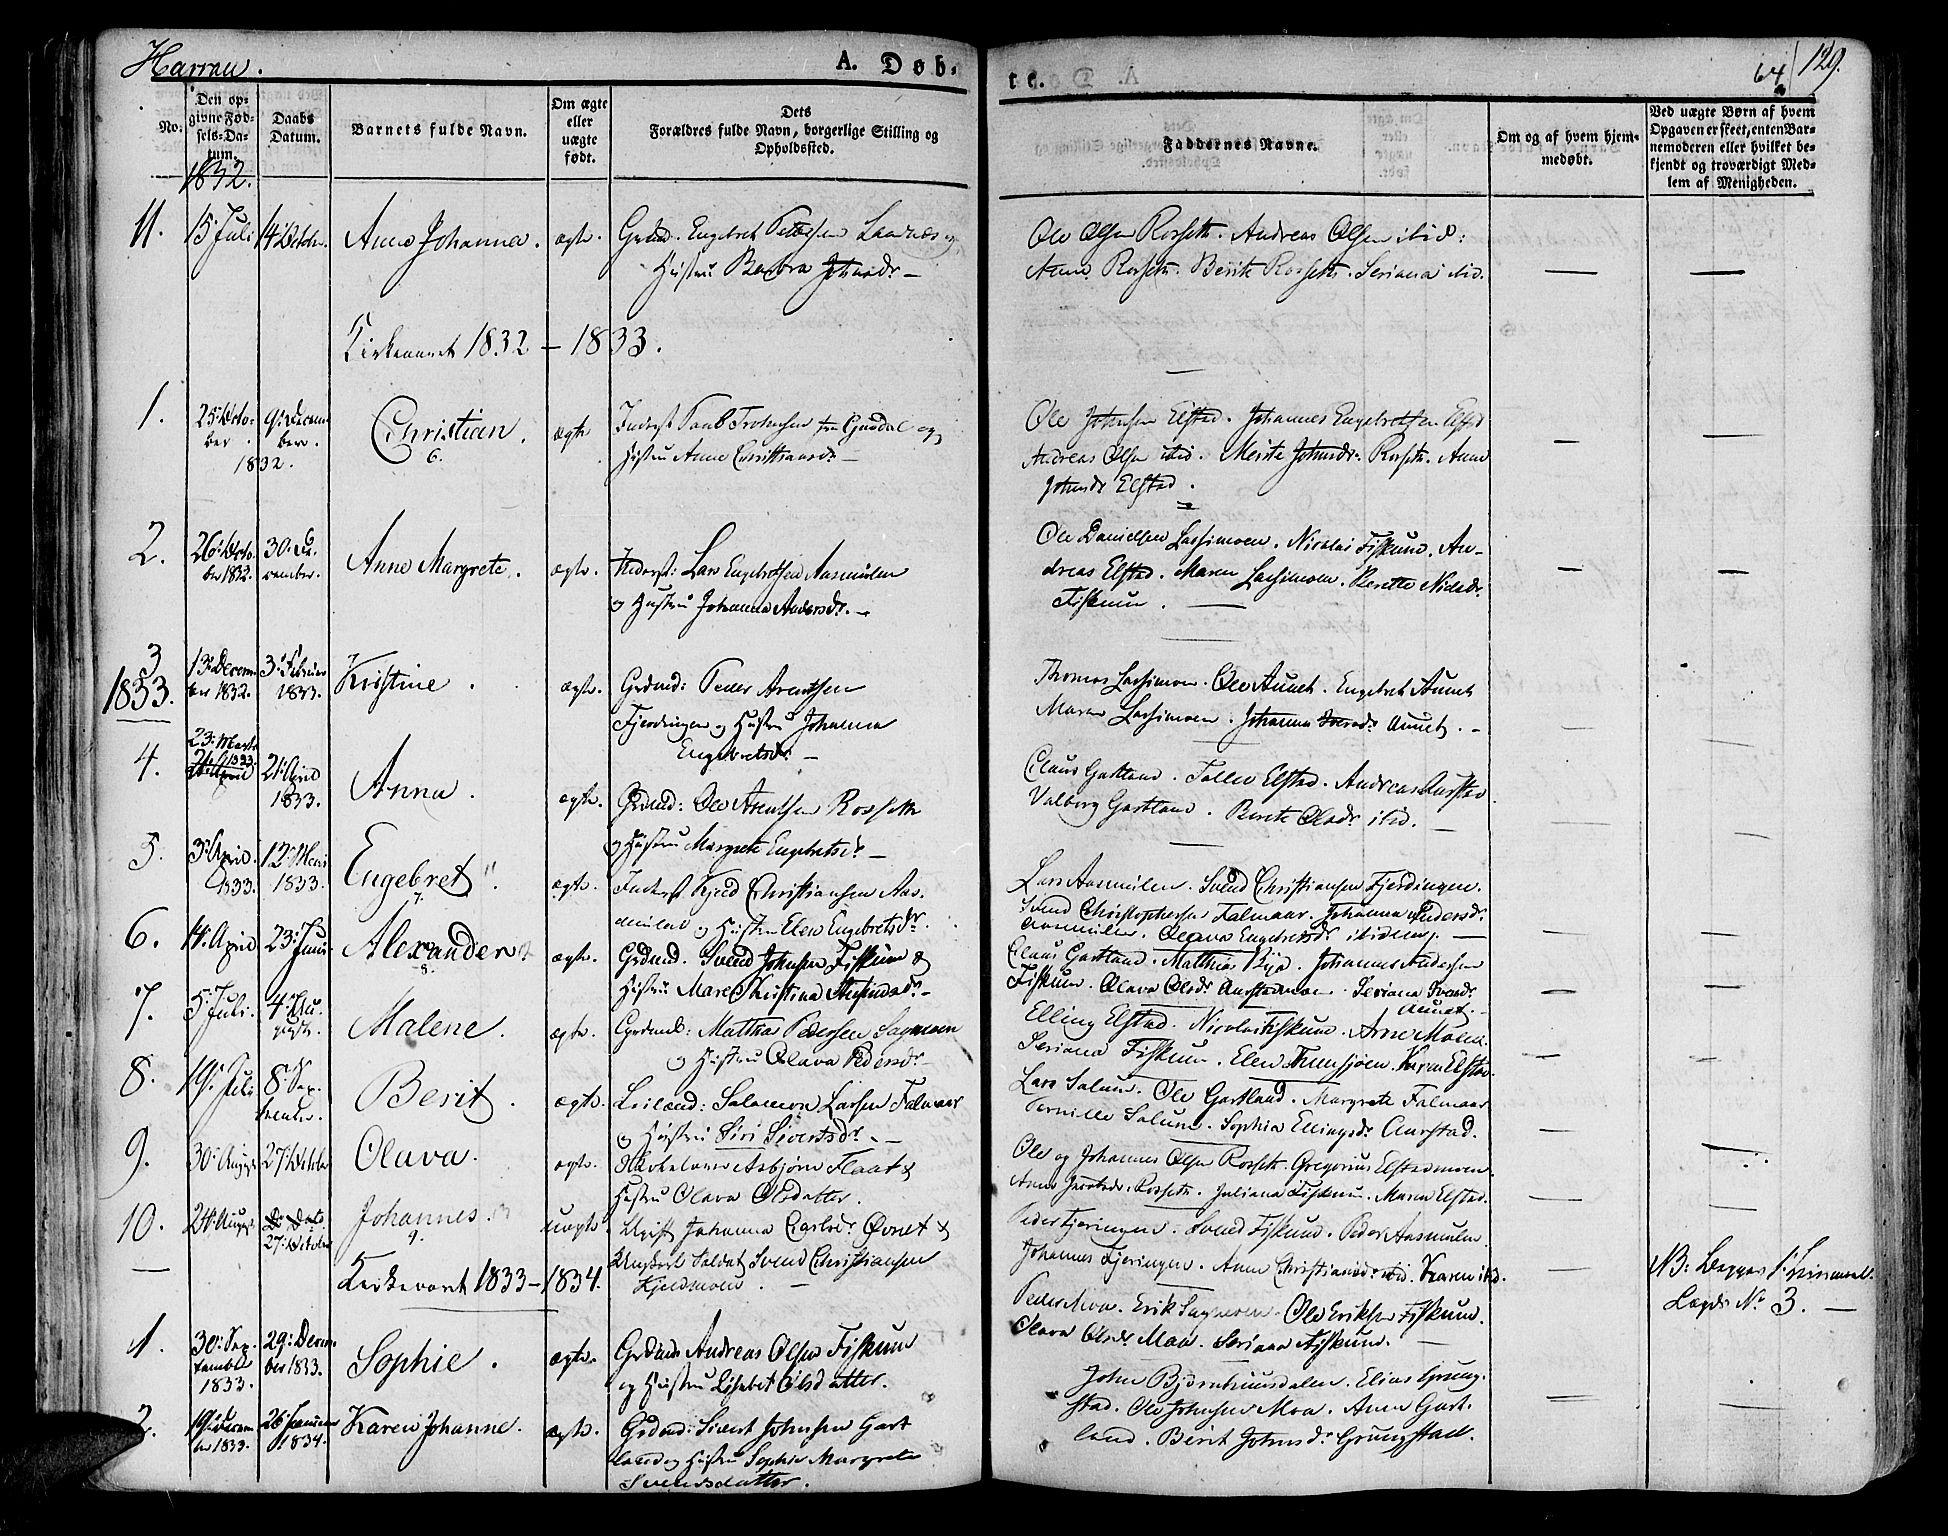 SAT, Ministerialprotokoller, klokkerbøker og fødselsregistre - Nord-Trøndelag, 758/L0510: Ministerialbok nr. 758A01 /3, 1821-1841, s. 64